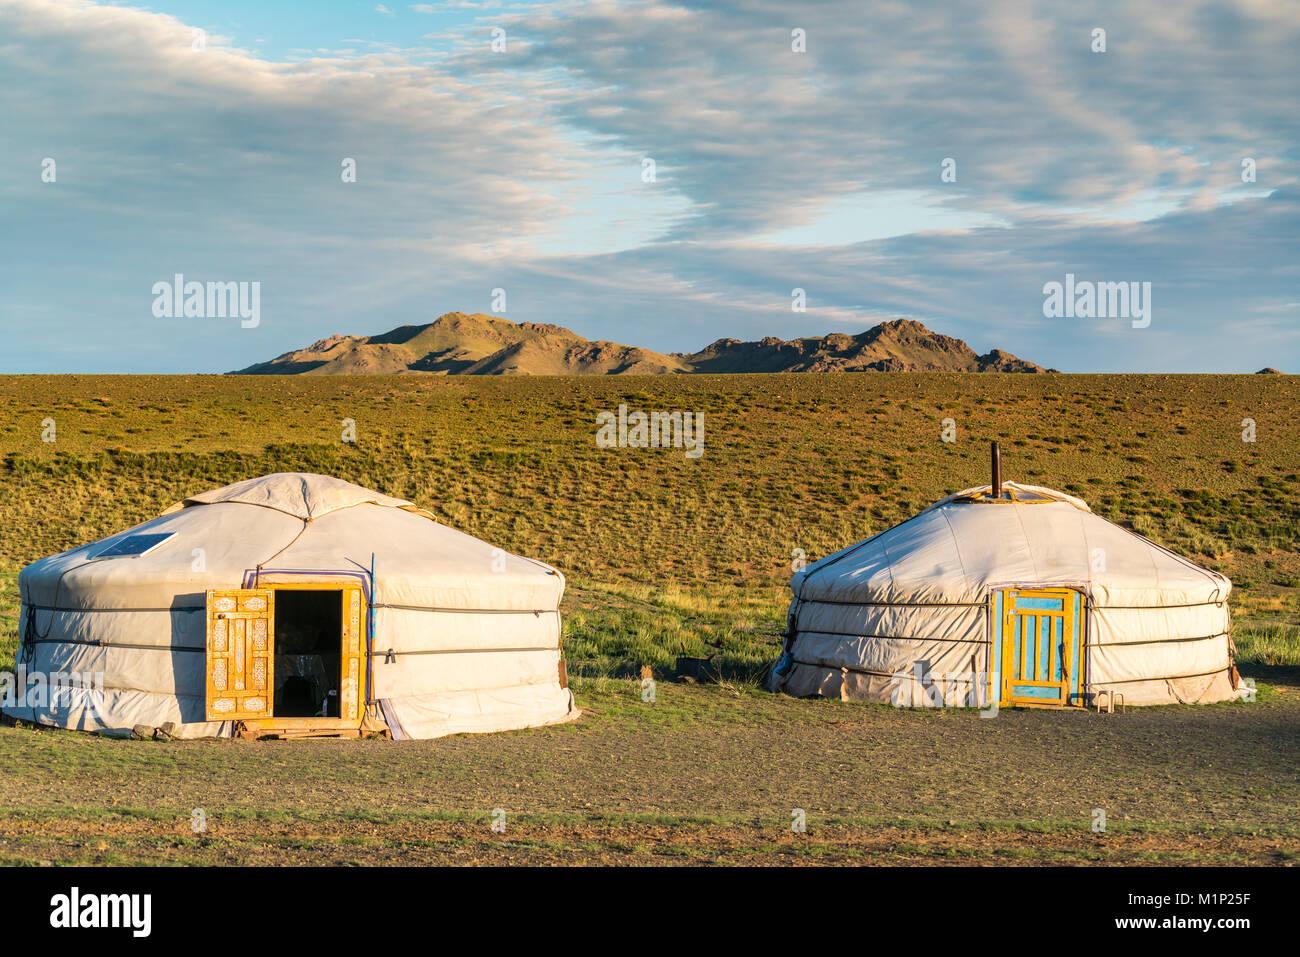 Due nomadi Mongoli gers e montagne sullo sfondo, Bayandalai distretto, a sud della provincia di Gobi, Mongolia, Immagini Stock